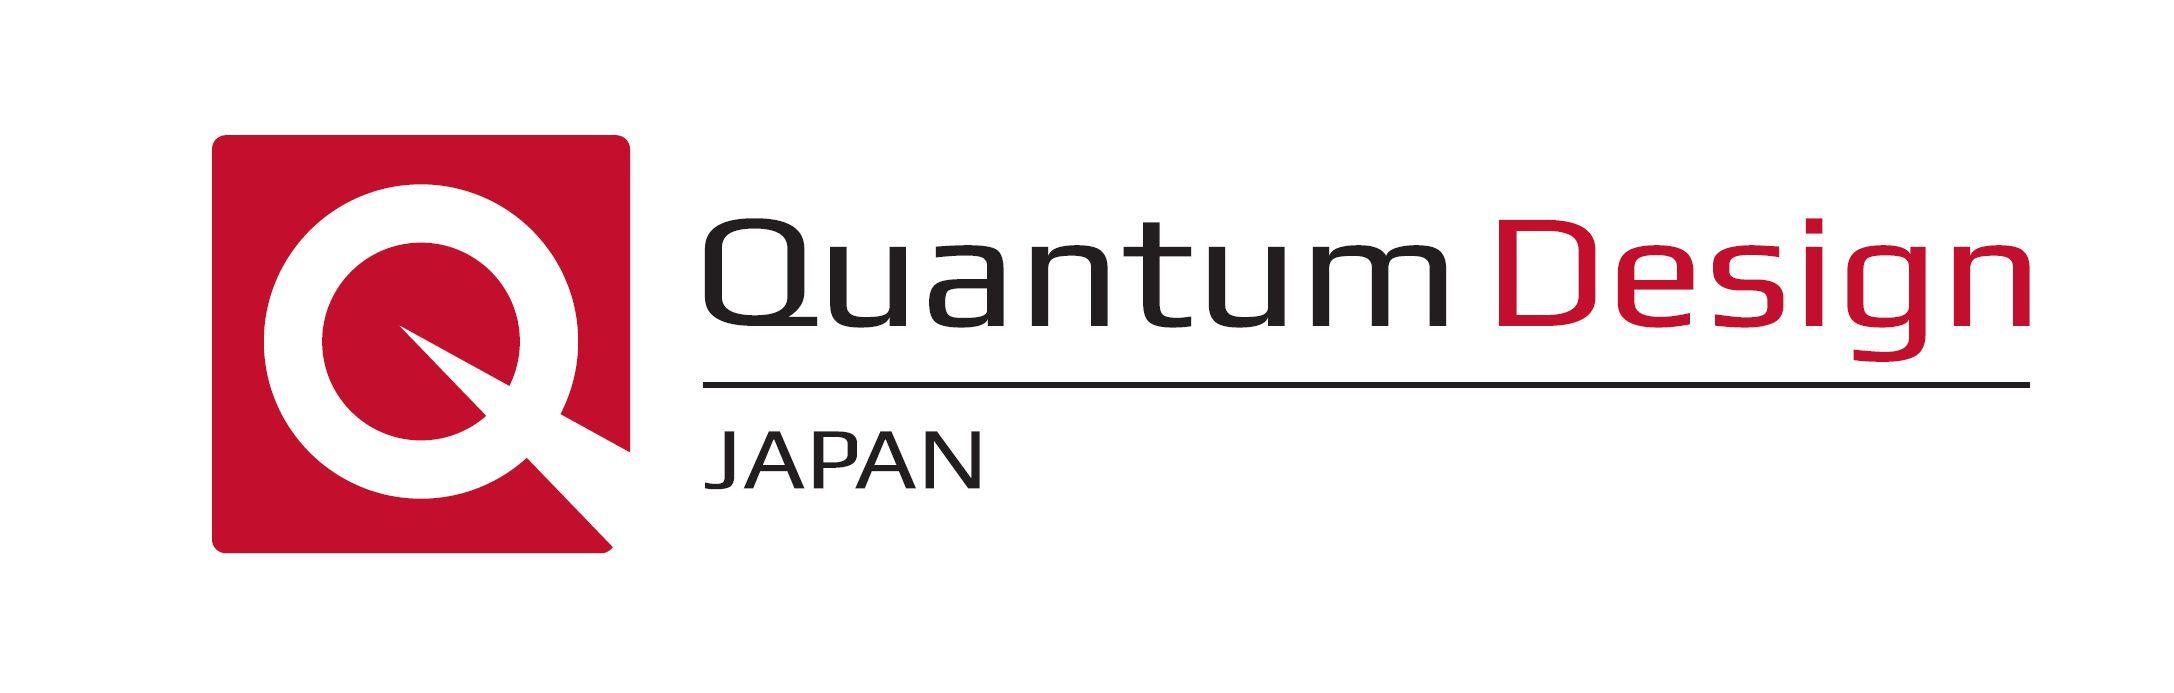 Quantum Design Japan